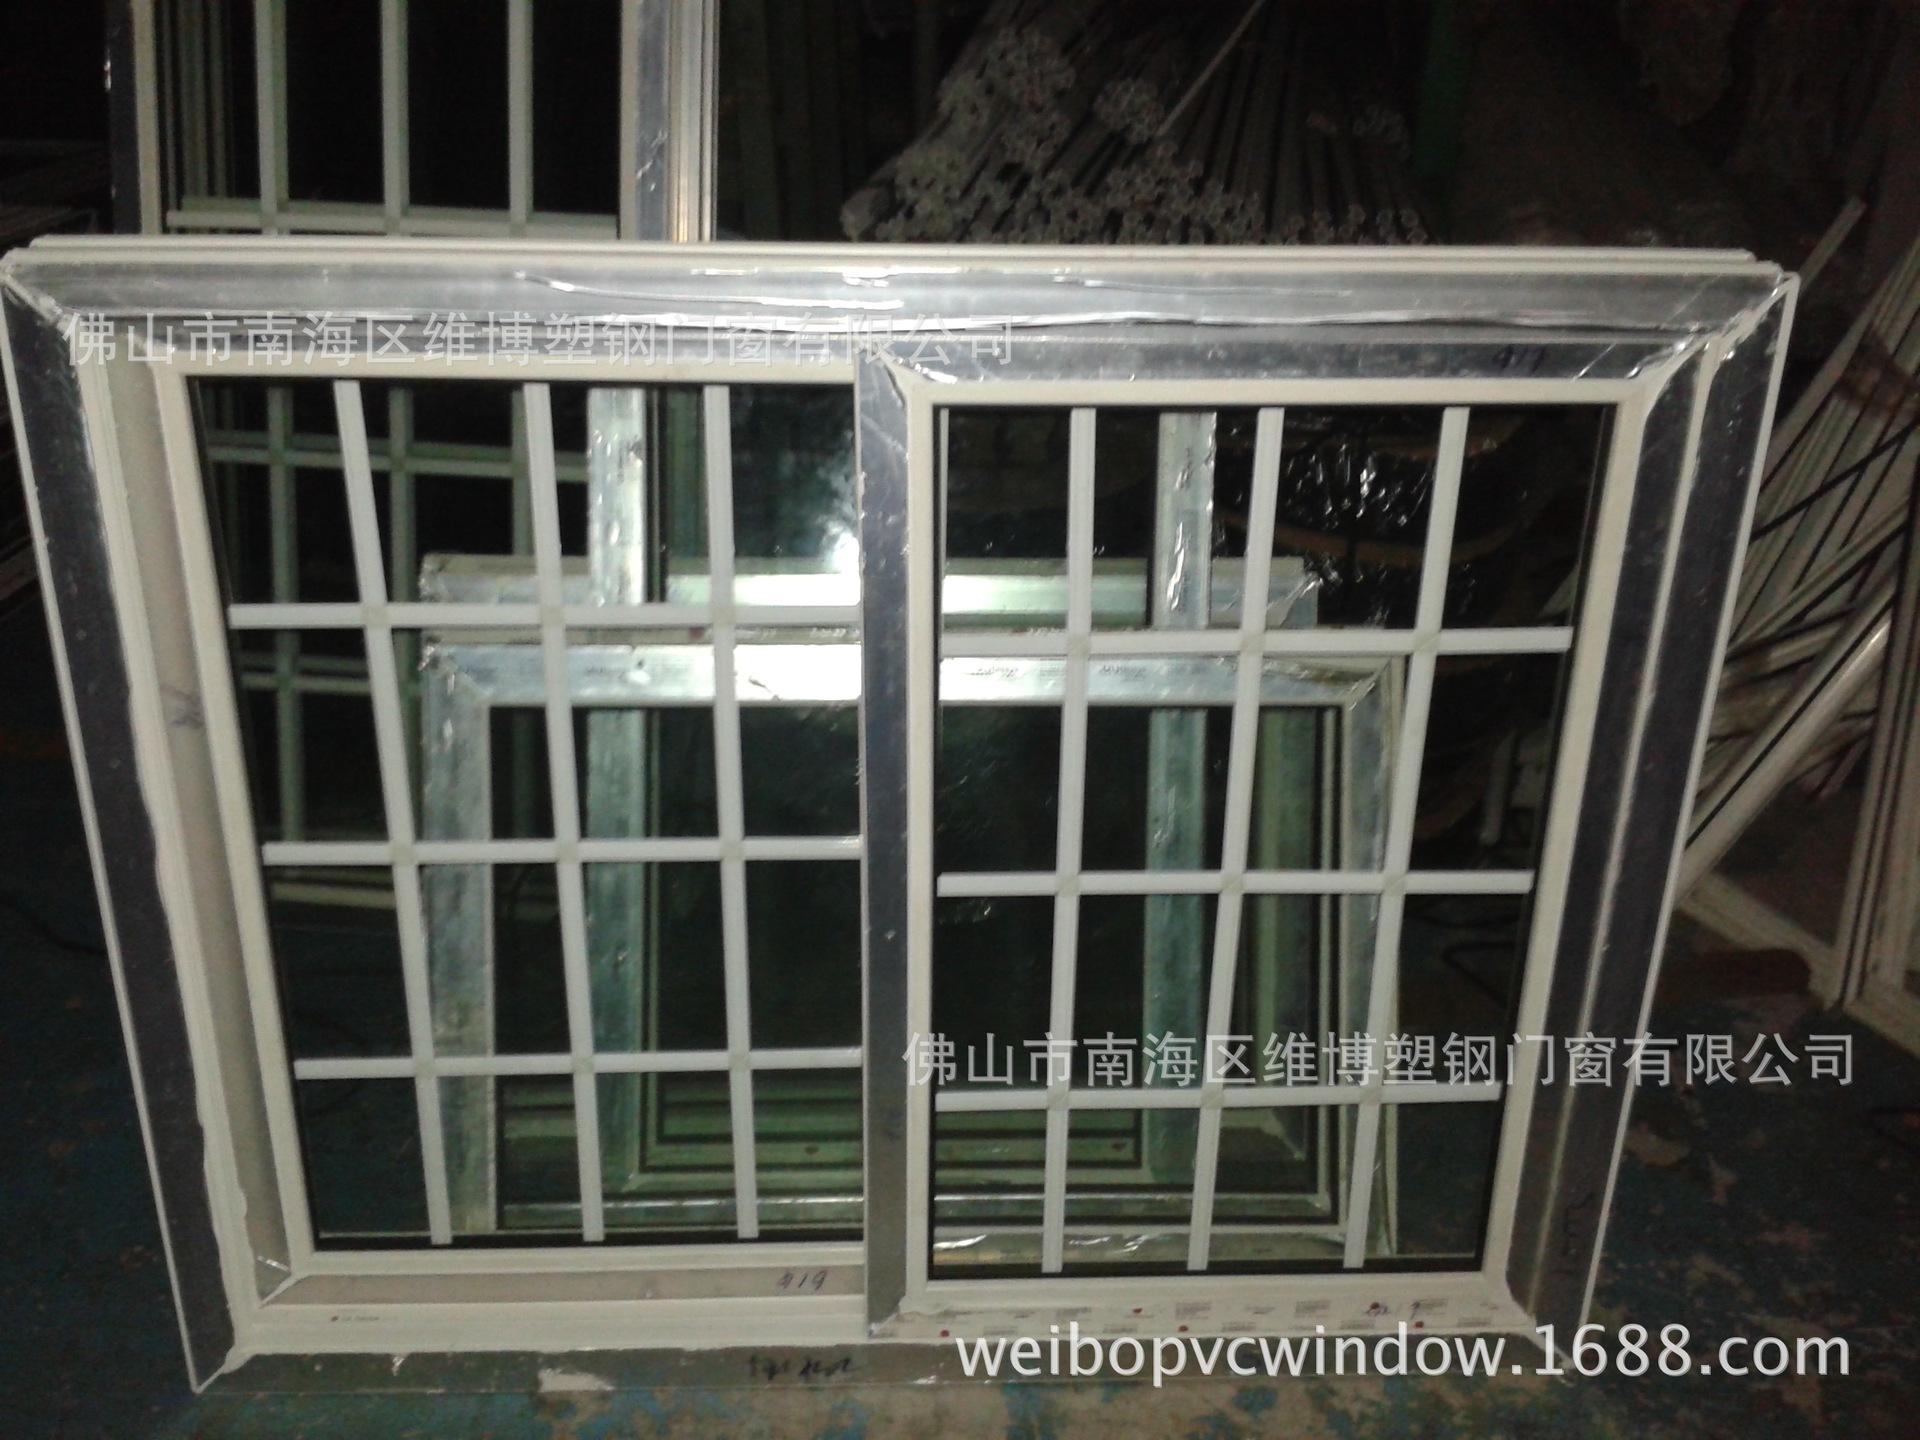 加工塑钢门窗中空格条玻璃节能隔音门窗